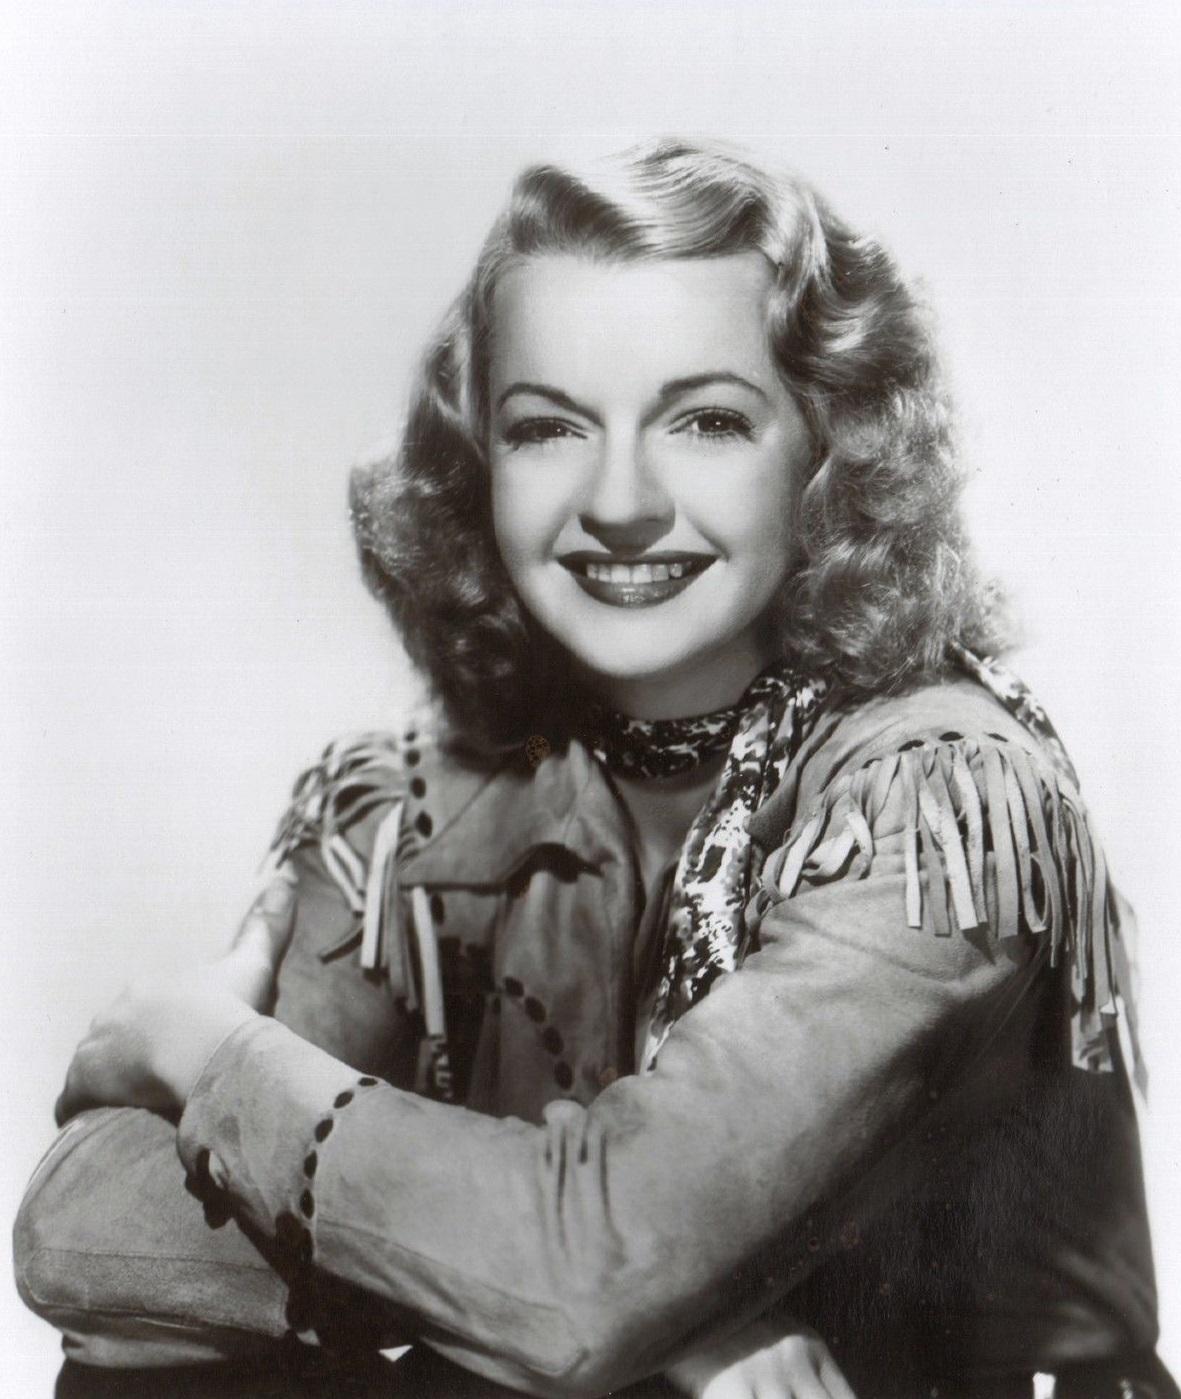 Dale Evans in Under Nevada Skies (1946)